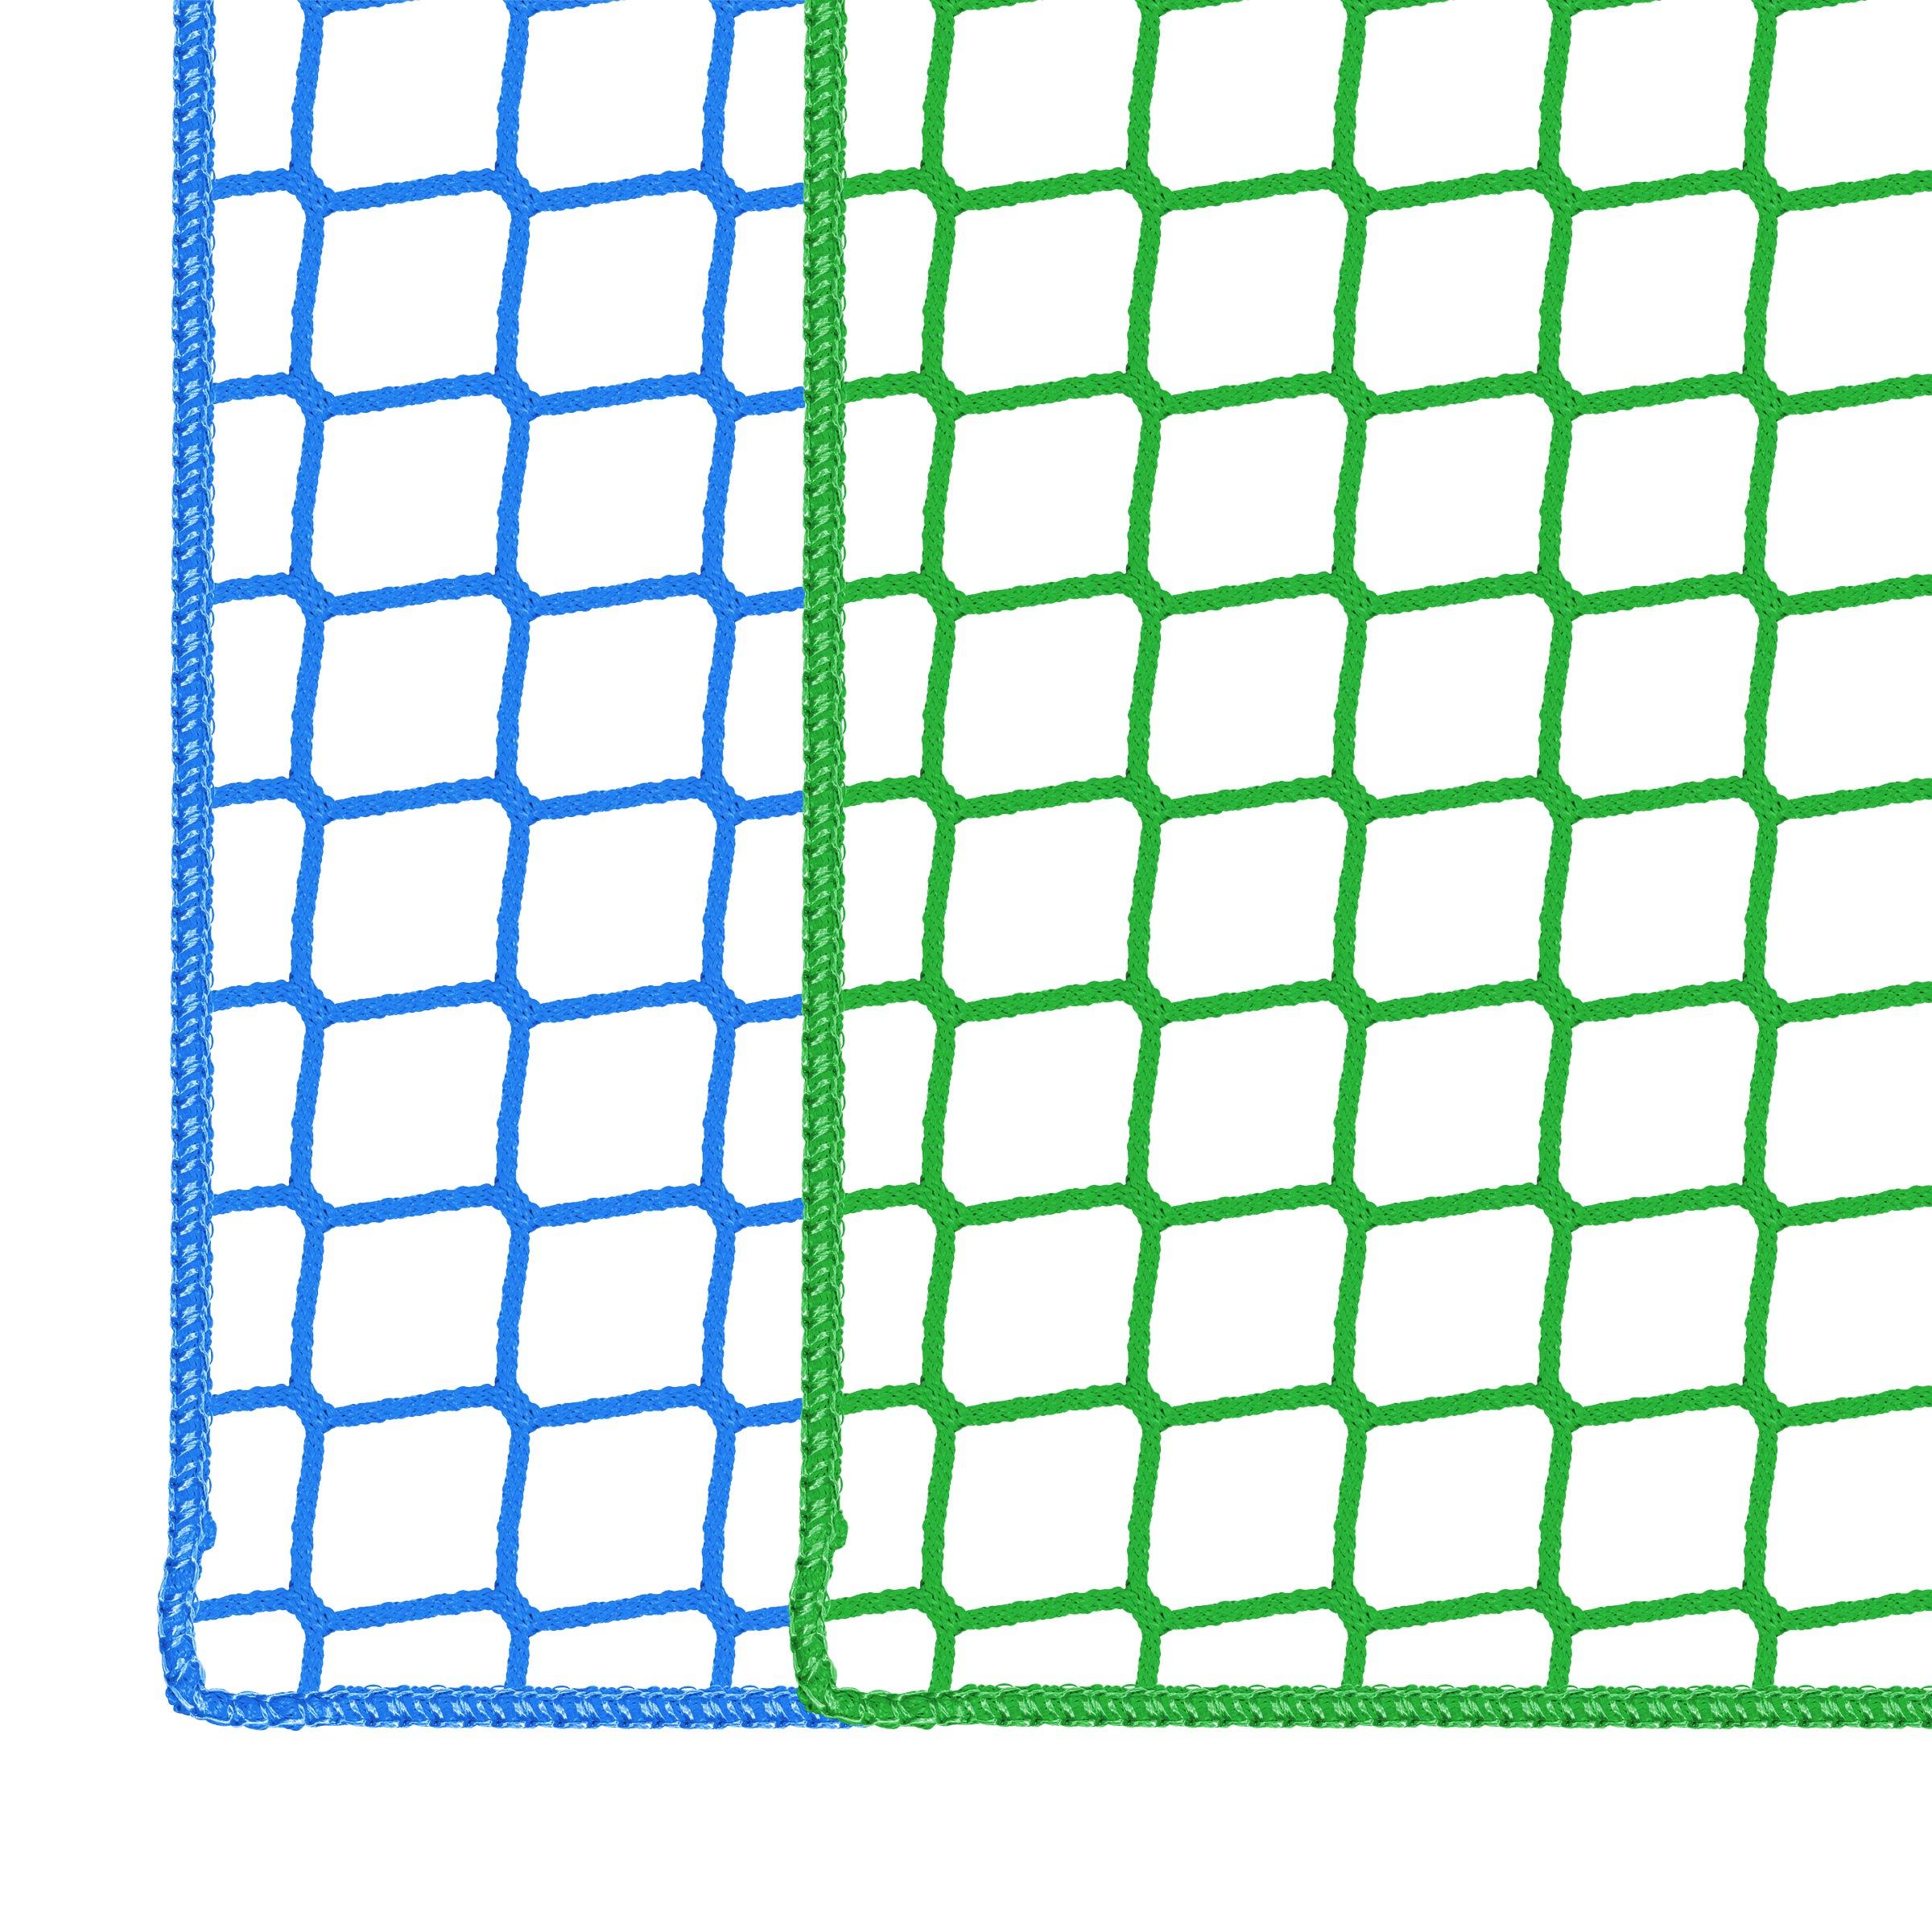 Seitenschutznetz 60 - 2,00 x 10,00 m